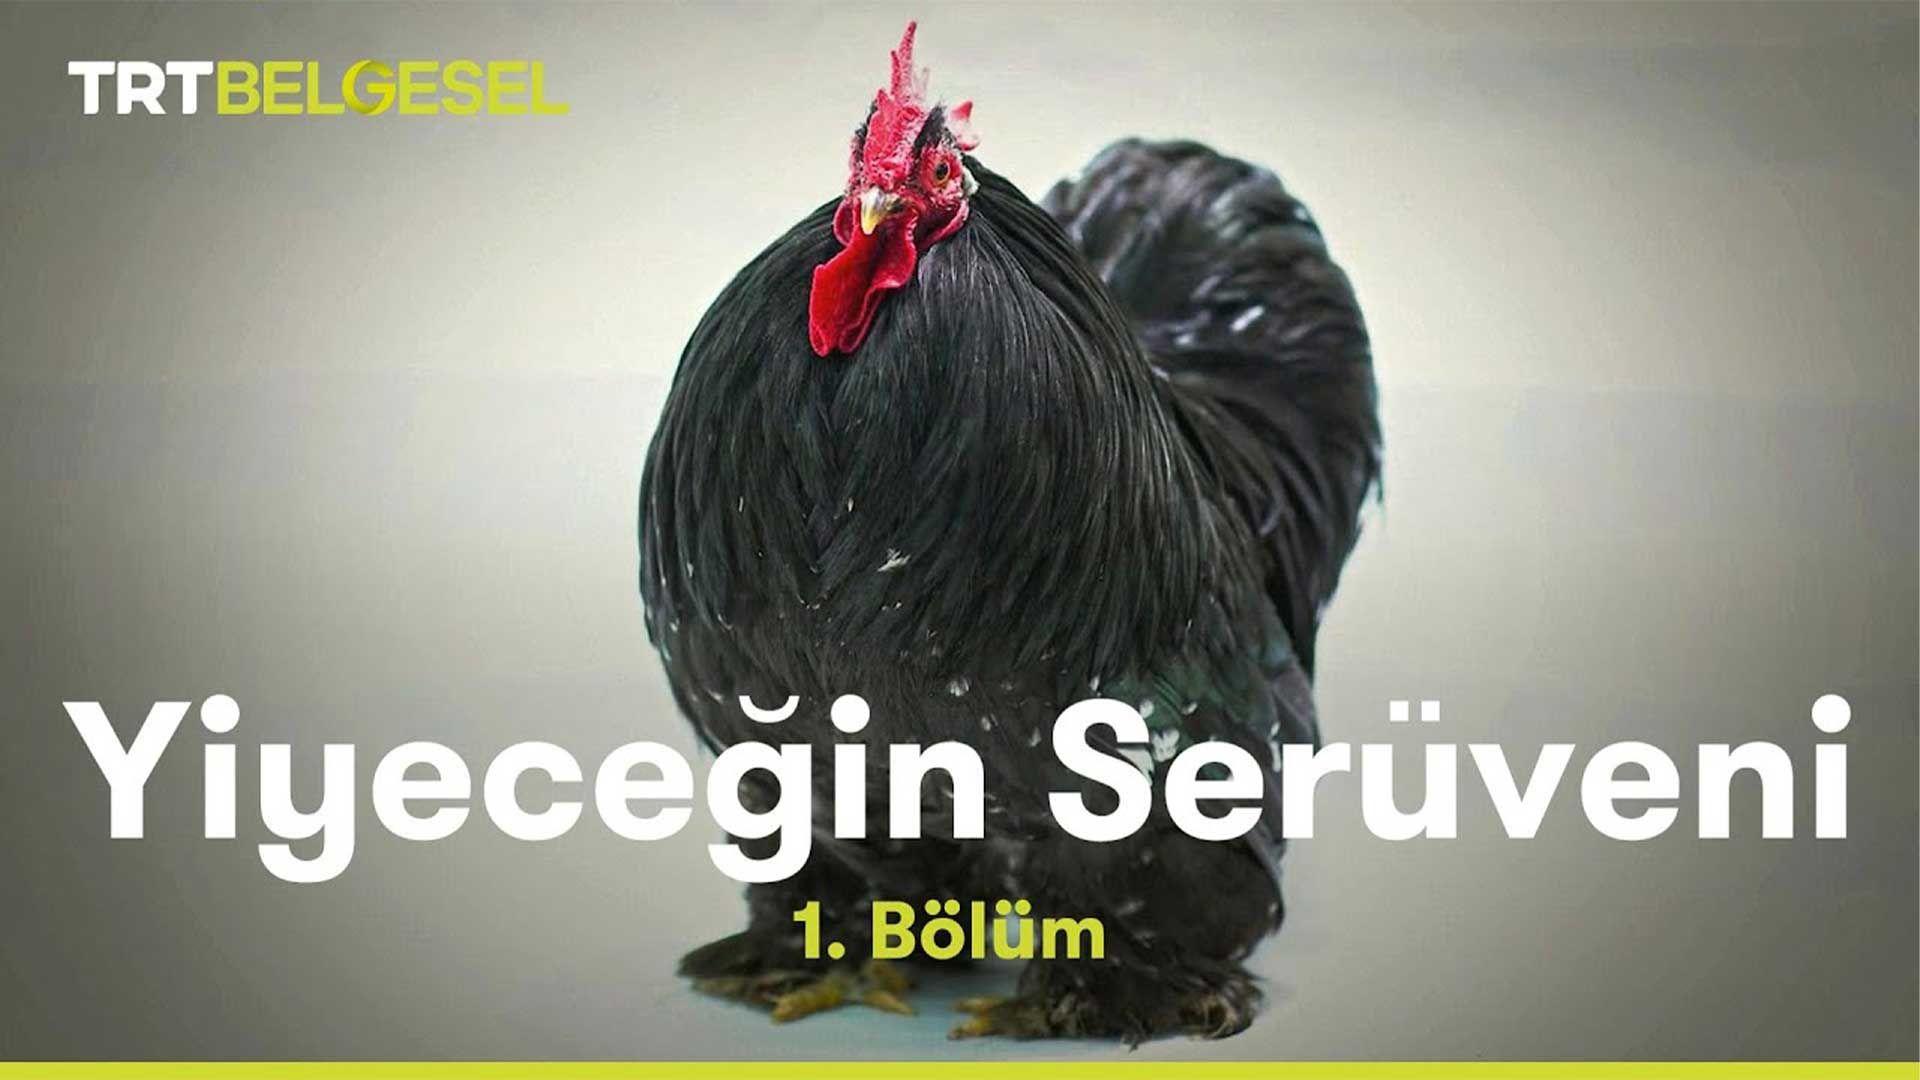 Yiyeceğin Serüveni | Tavuk